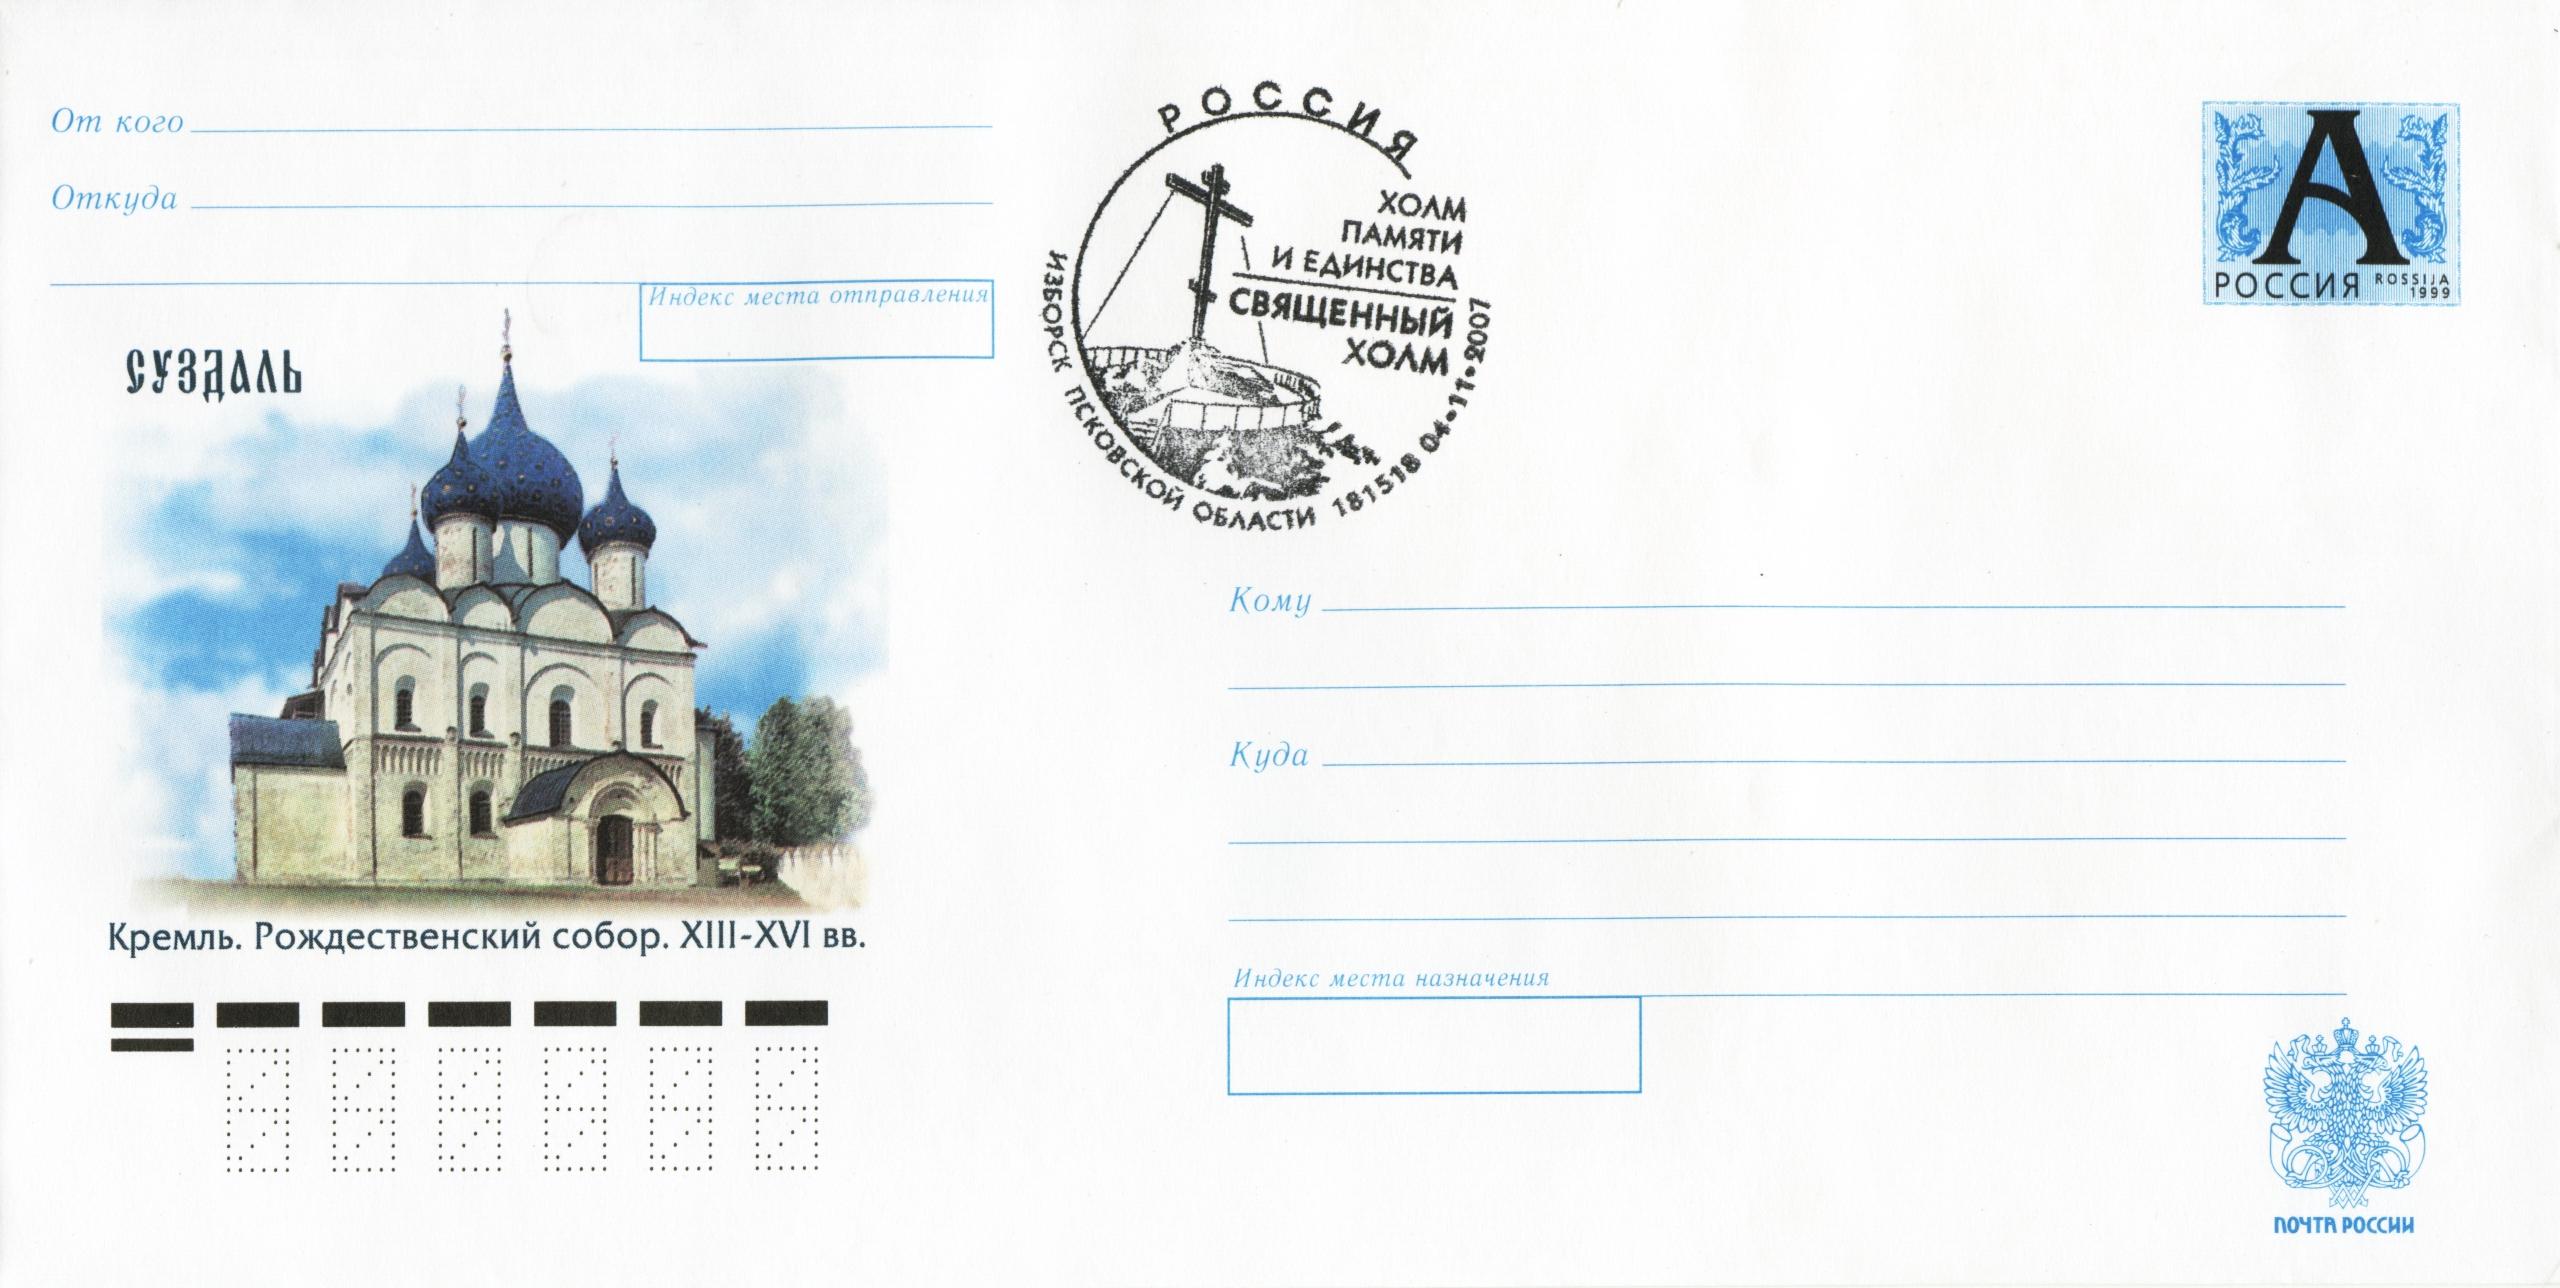 """Коллекция красивейших конвертов мира (702 шт.) """" Страница 16 """" Картины, художники, фотографы на Nevsepic"""